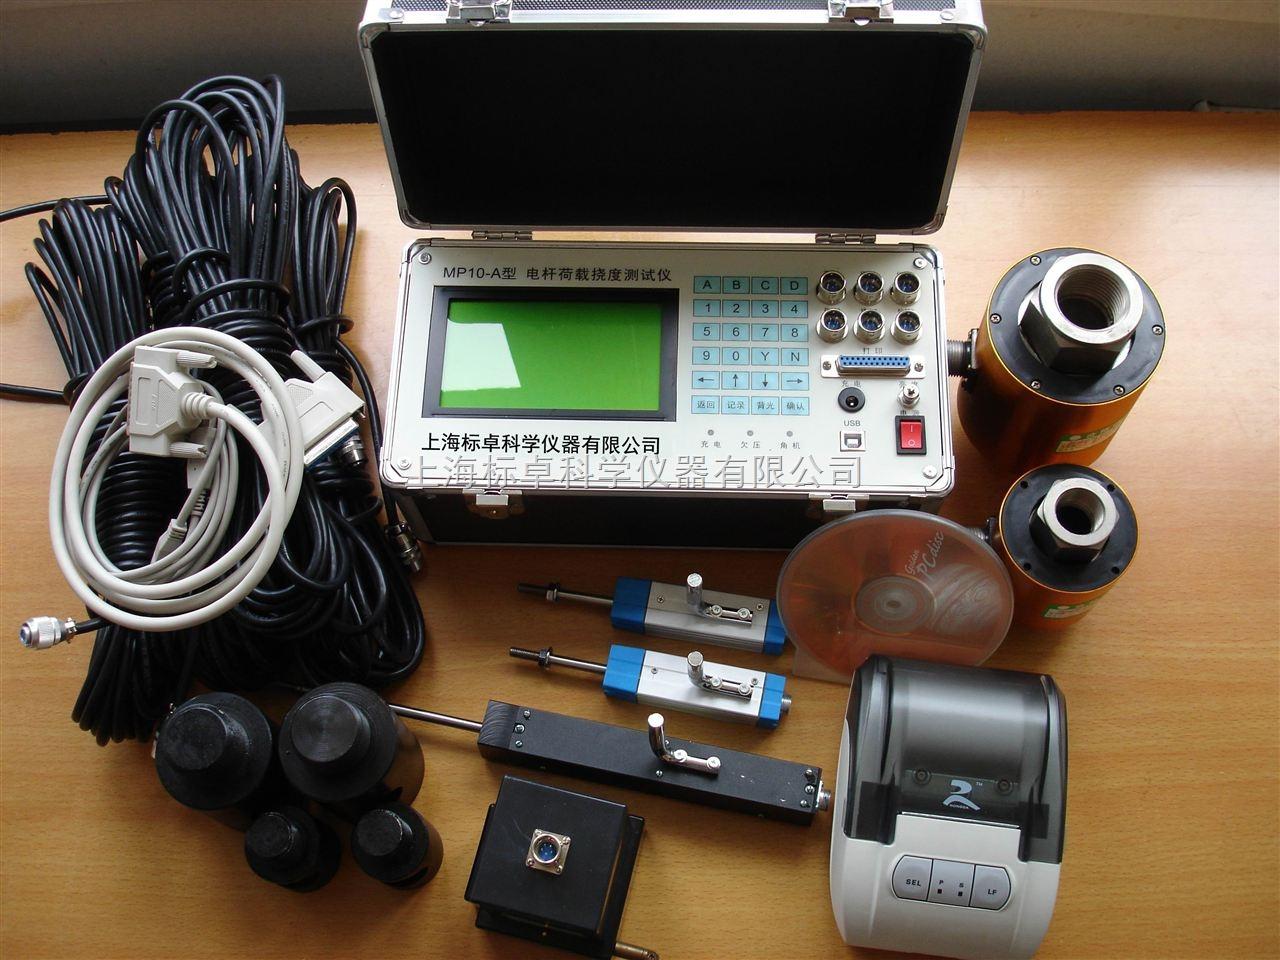 水泥电杆荷载扰度位移测试仪